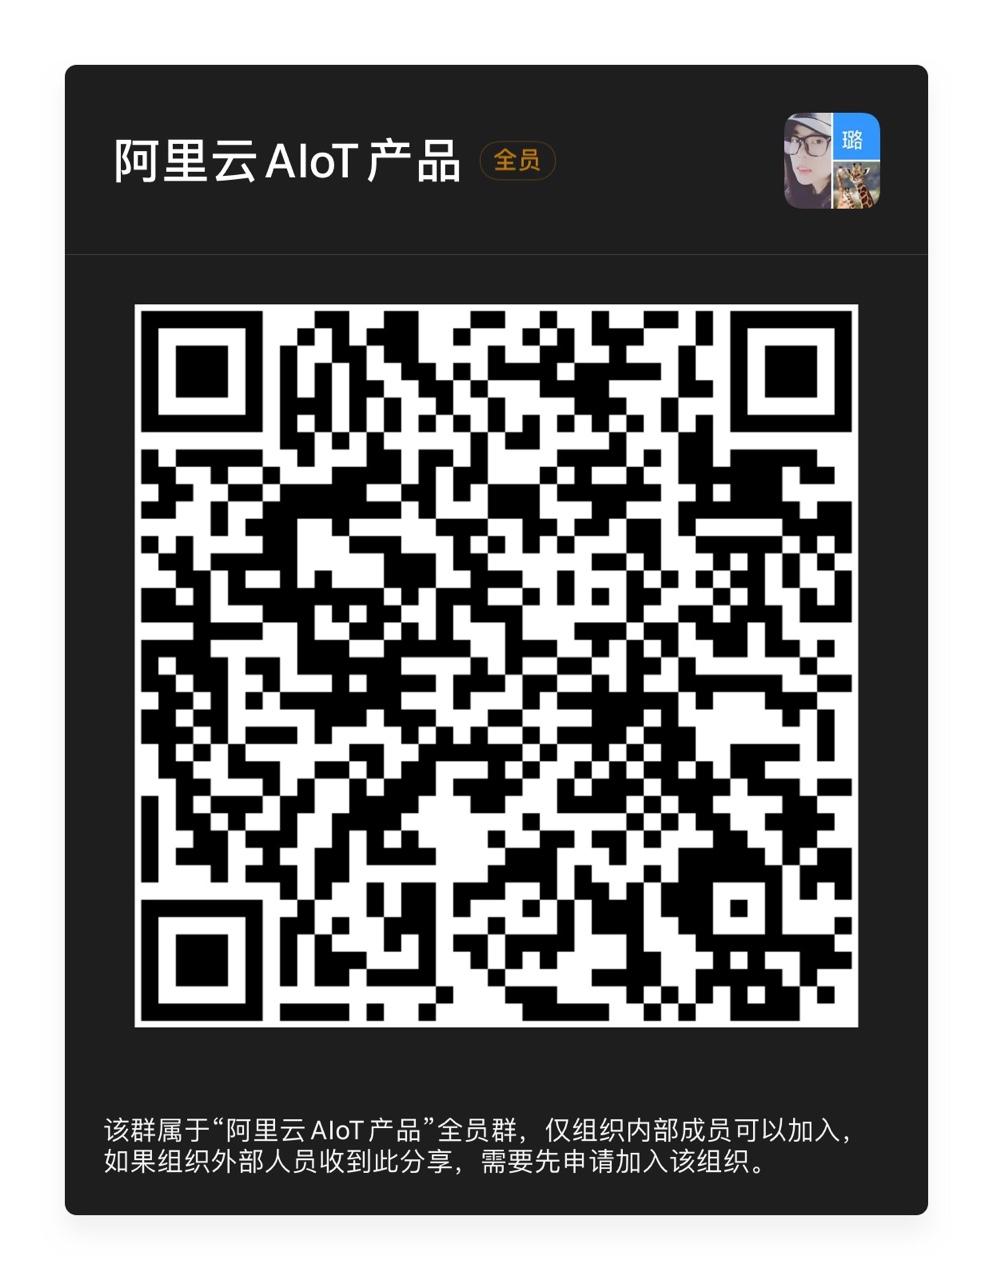 IoT产品-粉丝群二维码.JPG